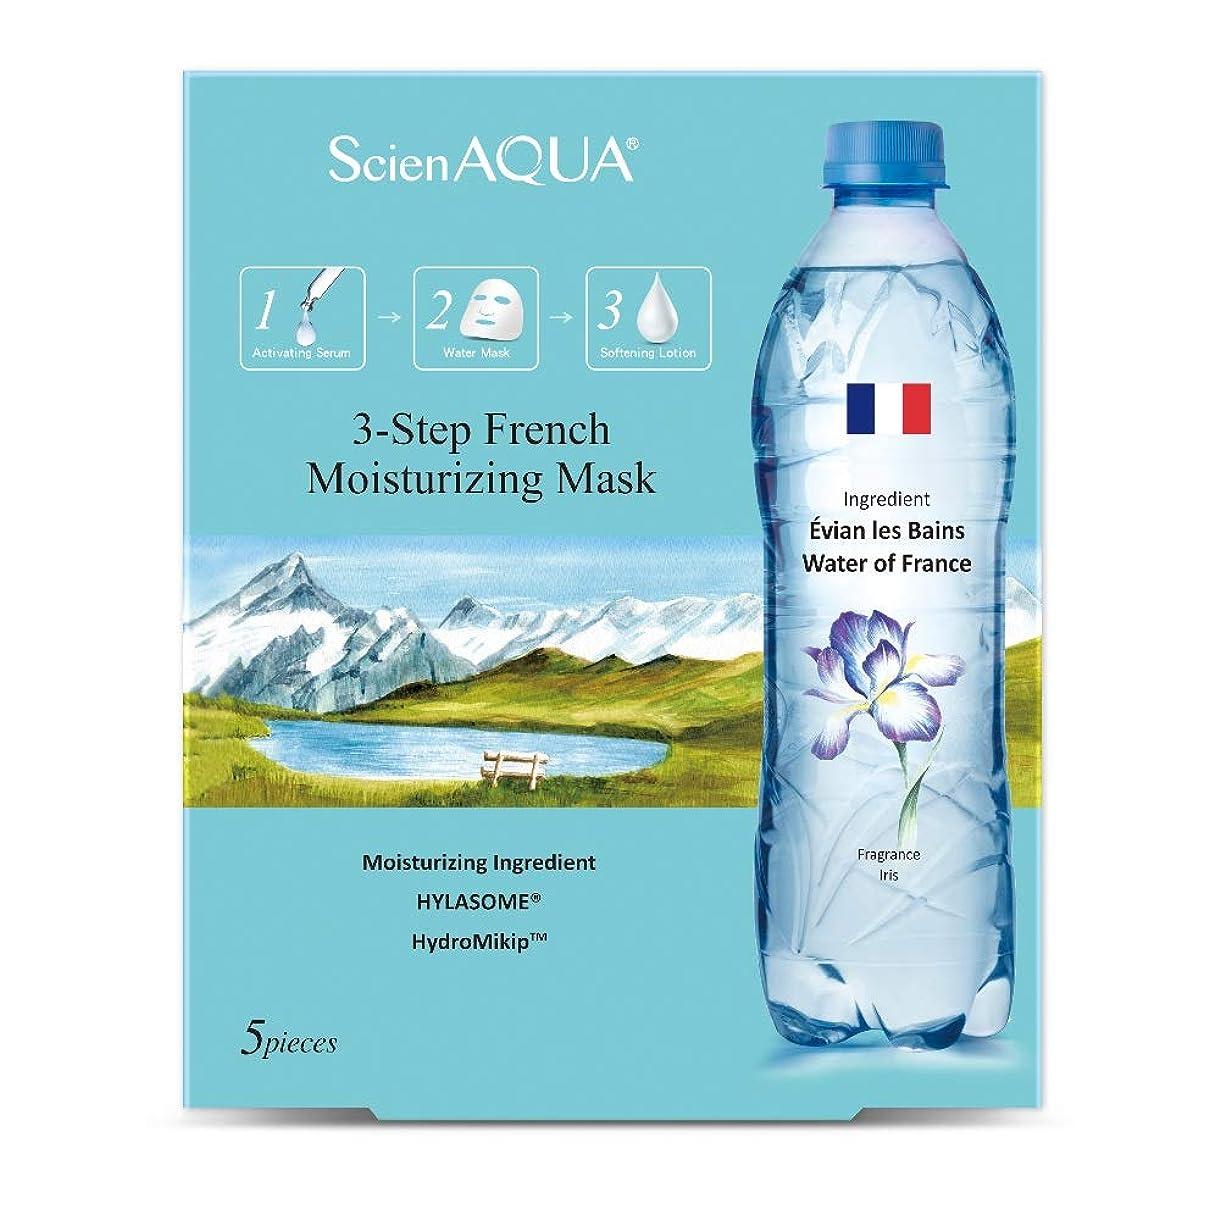 人咽頭杭【Amazon.co.jp限定】ScienAQUA フランス産のアルプス氷河水を使うマスク 保湿美顔パック